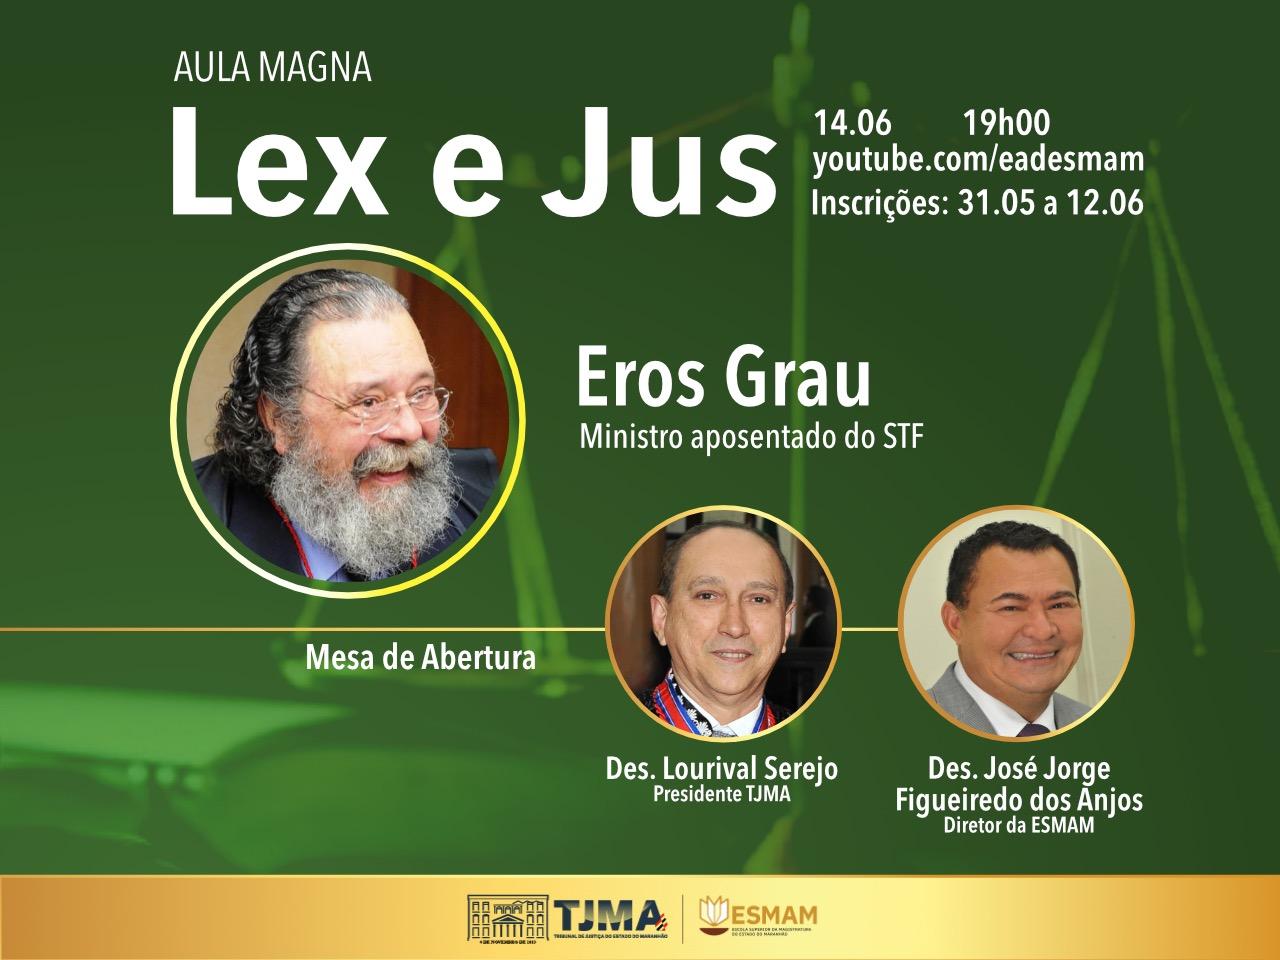 Inscrições abertas para aula magna com o jurista Eros Grau